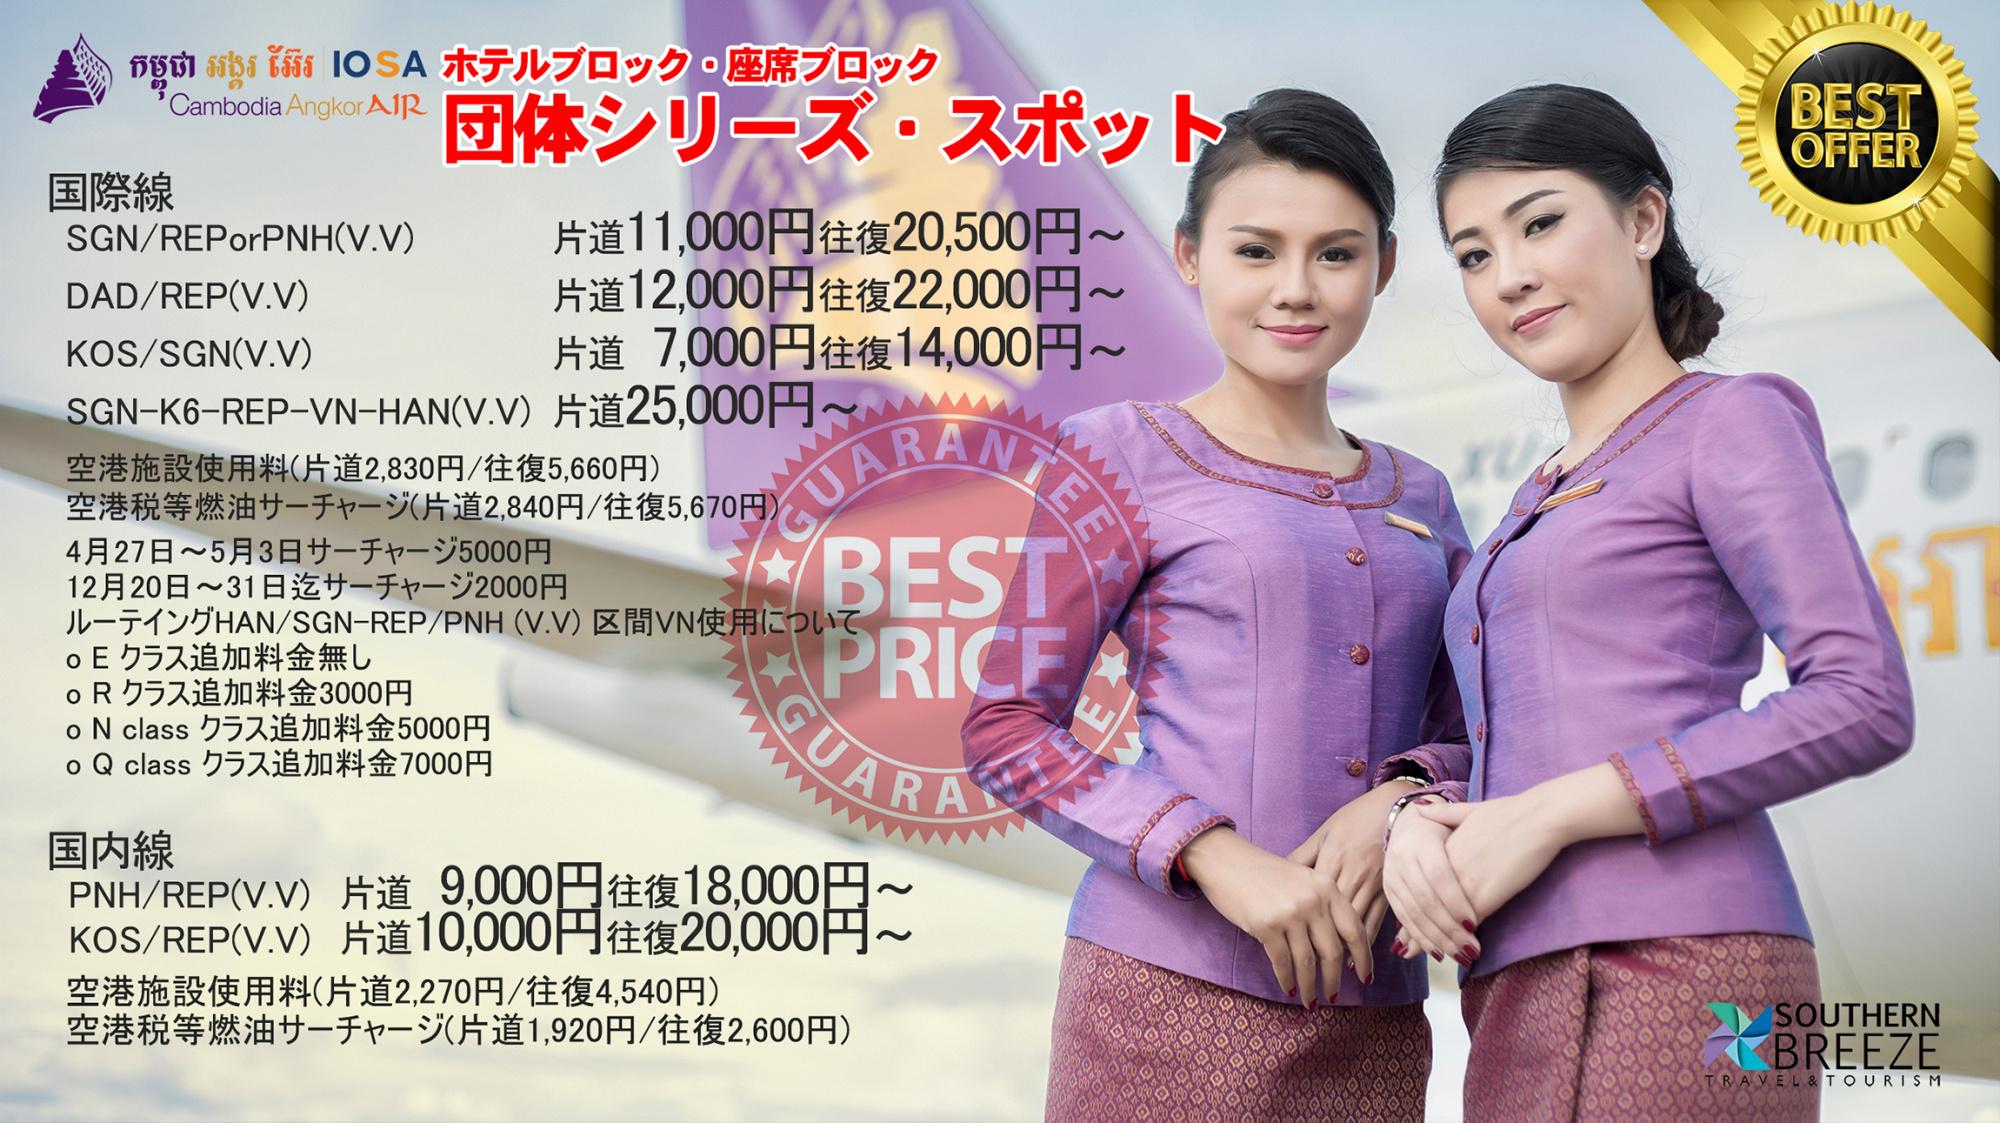 jetstar price